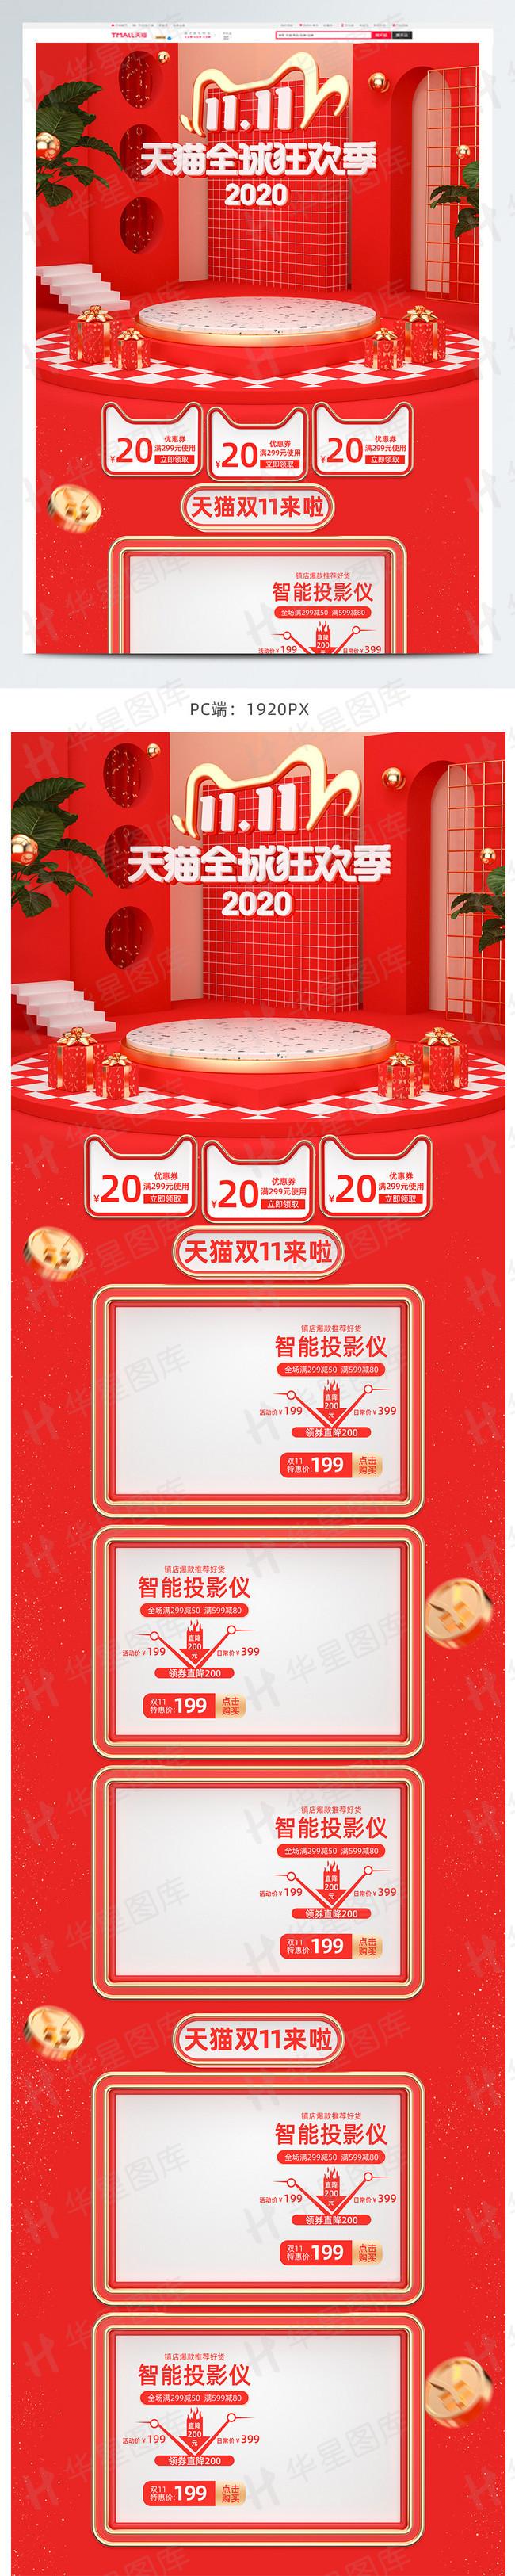 红色c4d双11全球狂欢节电商首页电脑版1920 px